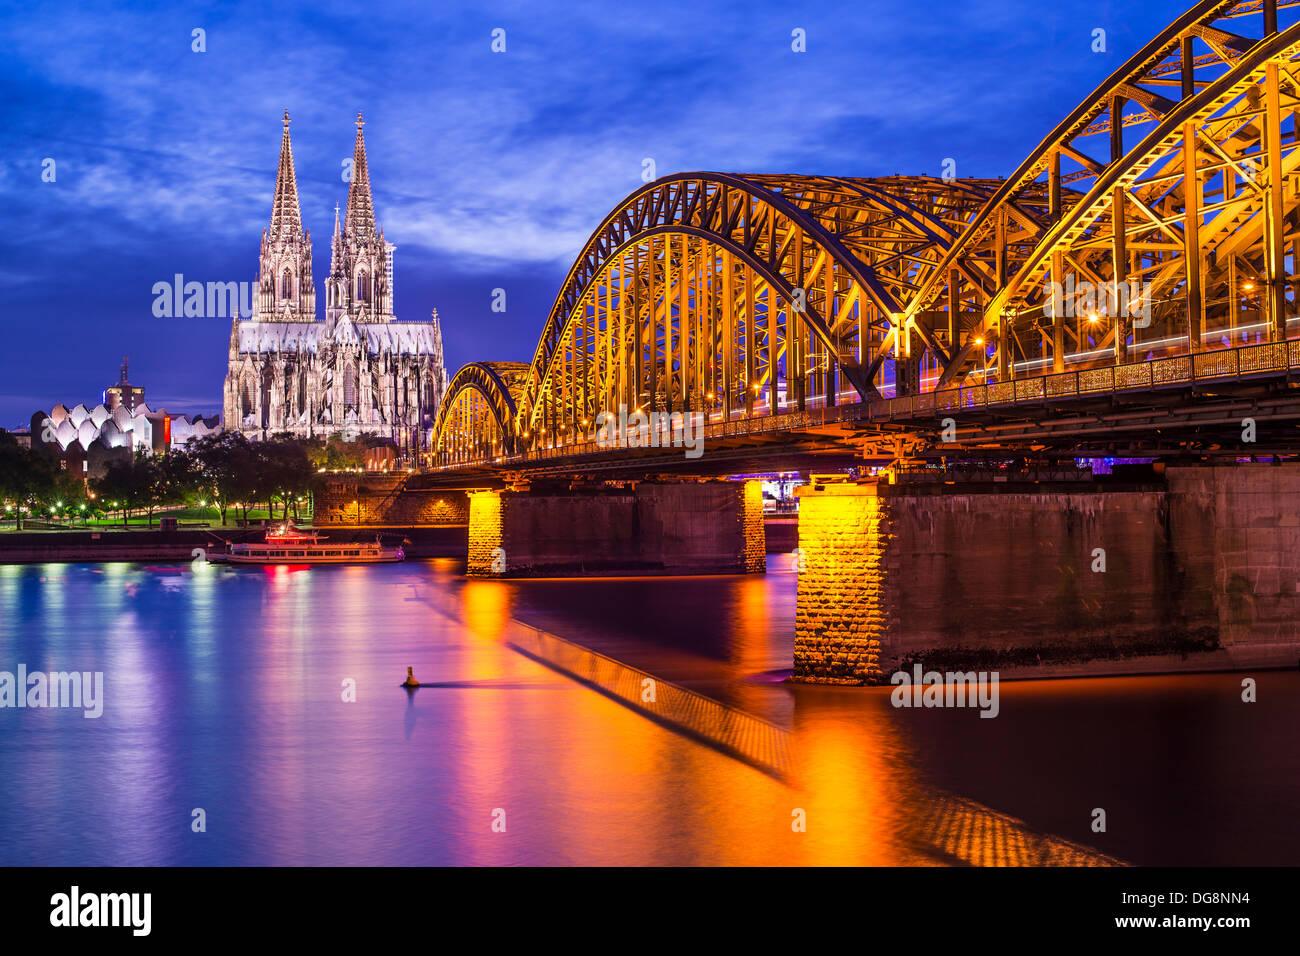 La cattedrale di Colonia a Colonia, in Germania. Immagini Stock